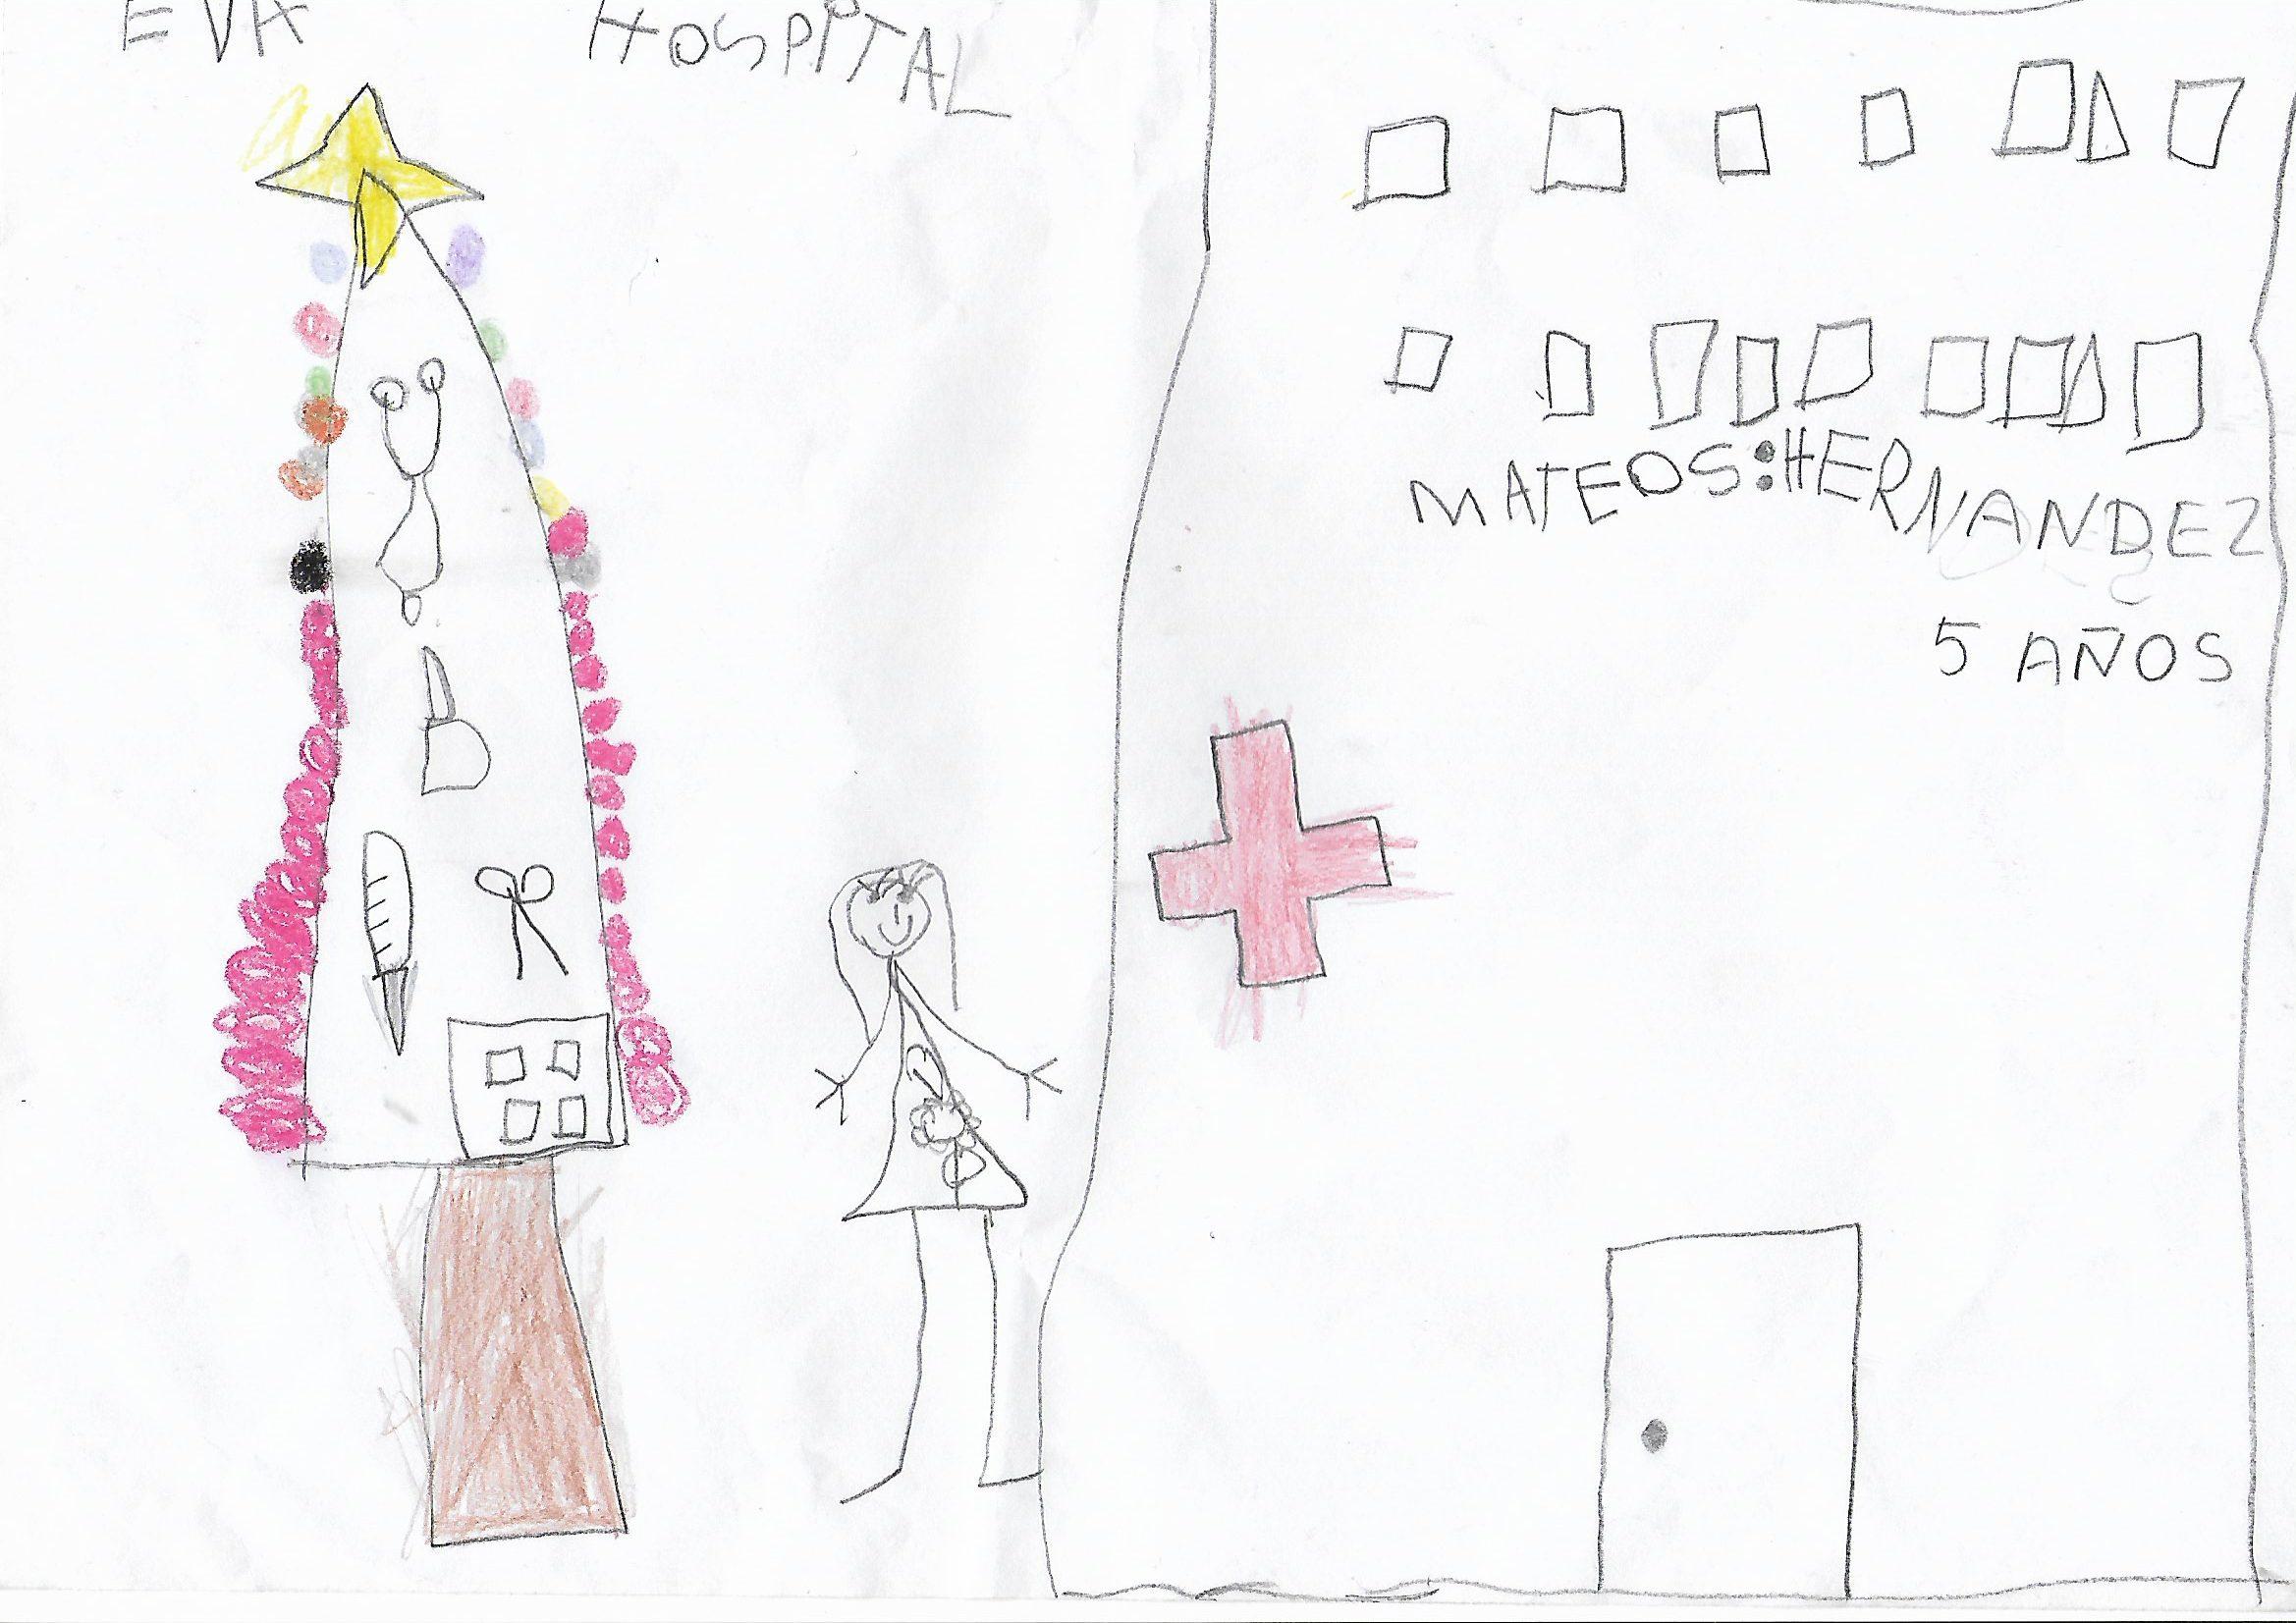 Eva Mateos Hernández (5 años)